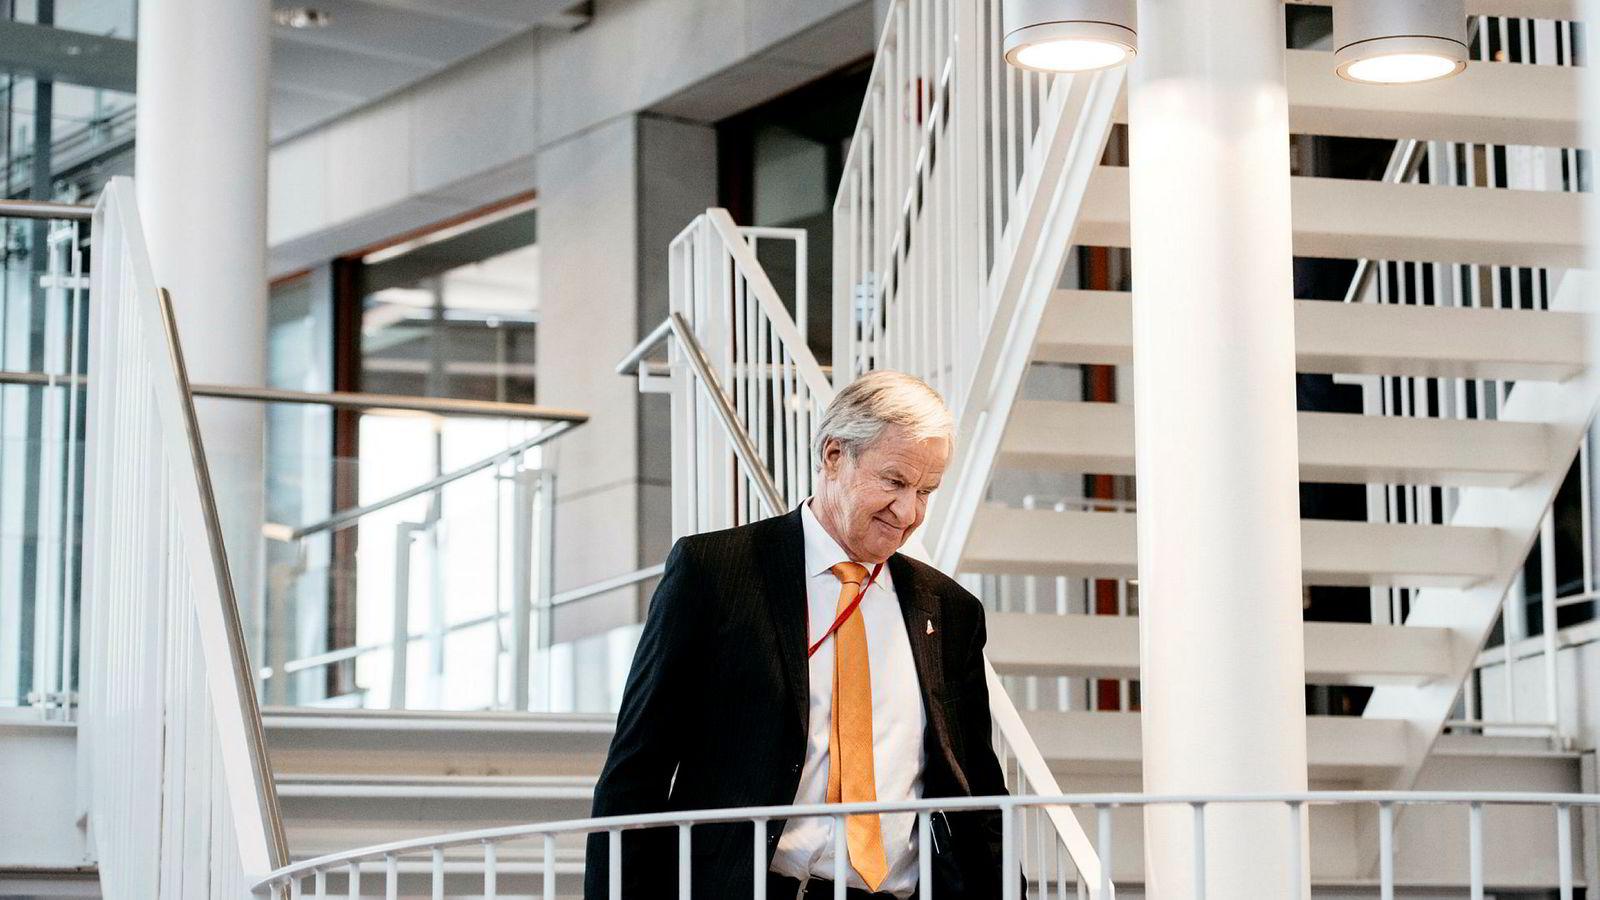 – Jeg har ikke tenkt på å selge i det hele tatt, sa Bjørn Kjos under generalforsamlingen 13. april.